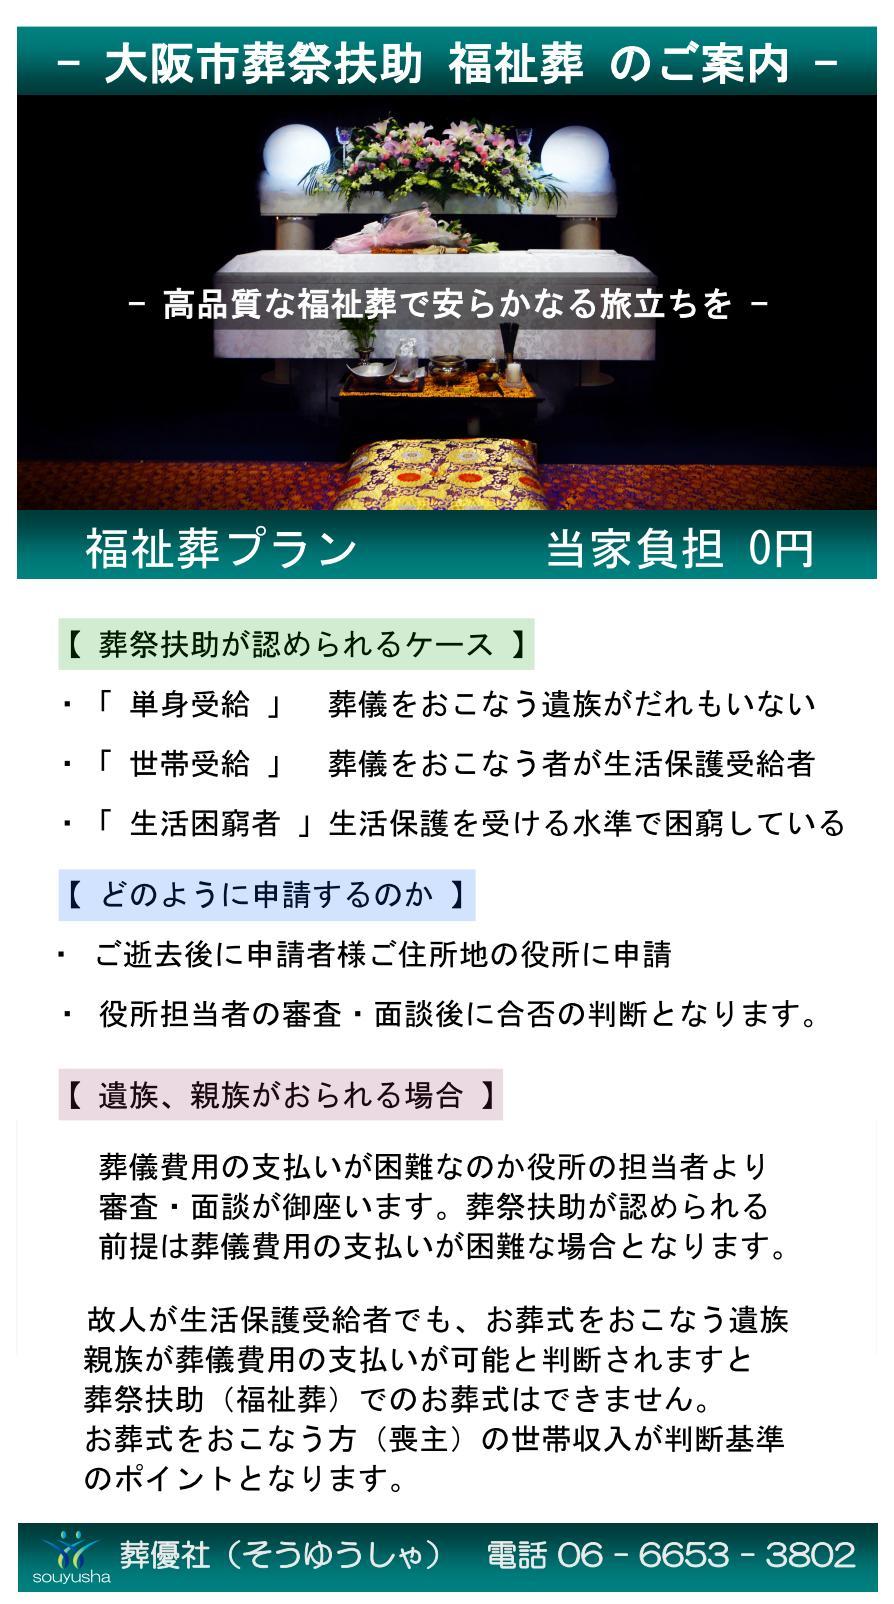 大阪市葬祭扶助での生活保護葬・福祉葬は西成区の葬儀社「葬優社」にお任せ下さい。